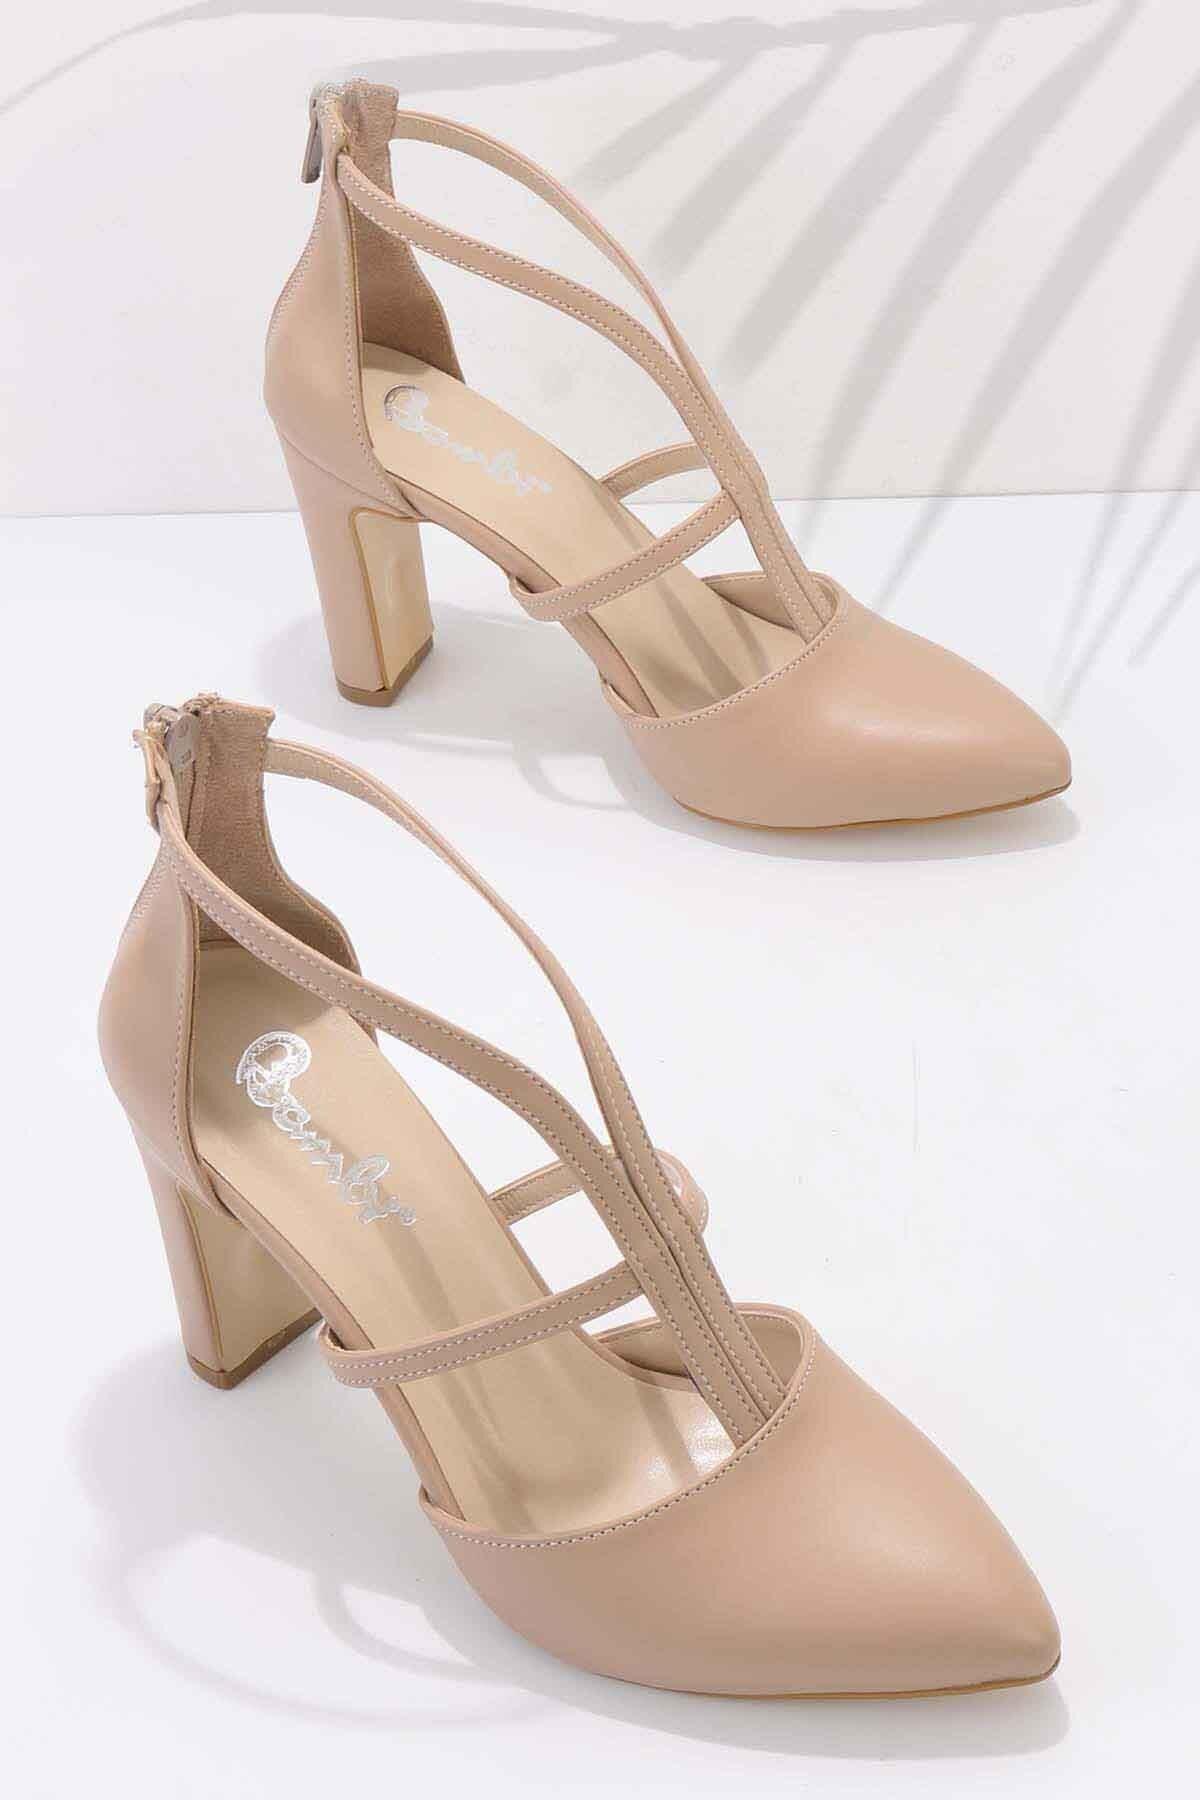 Nude Kadın Klasik Topuklu Ayakkabı K01926031209